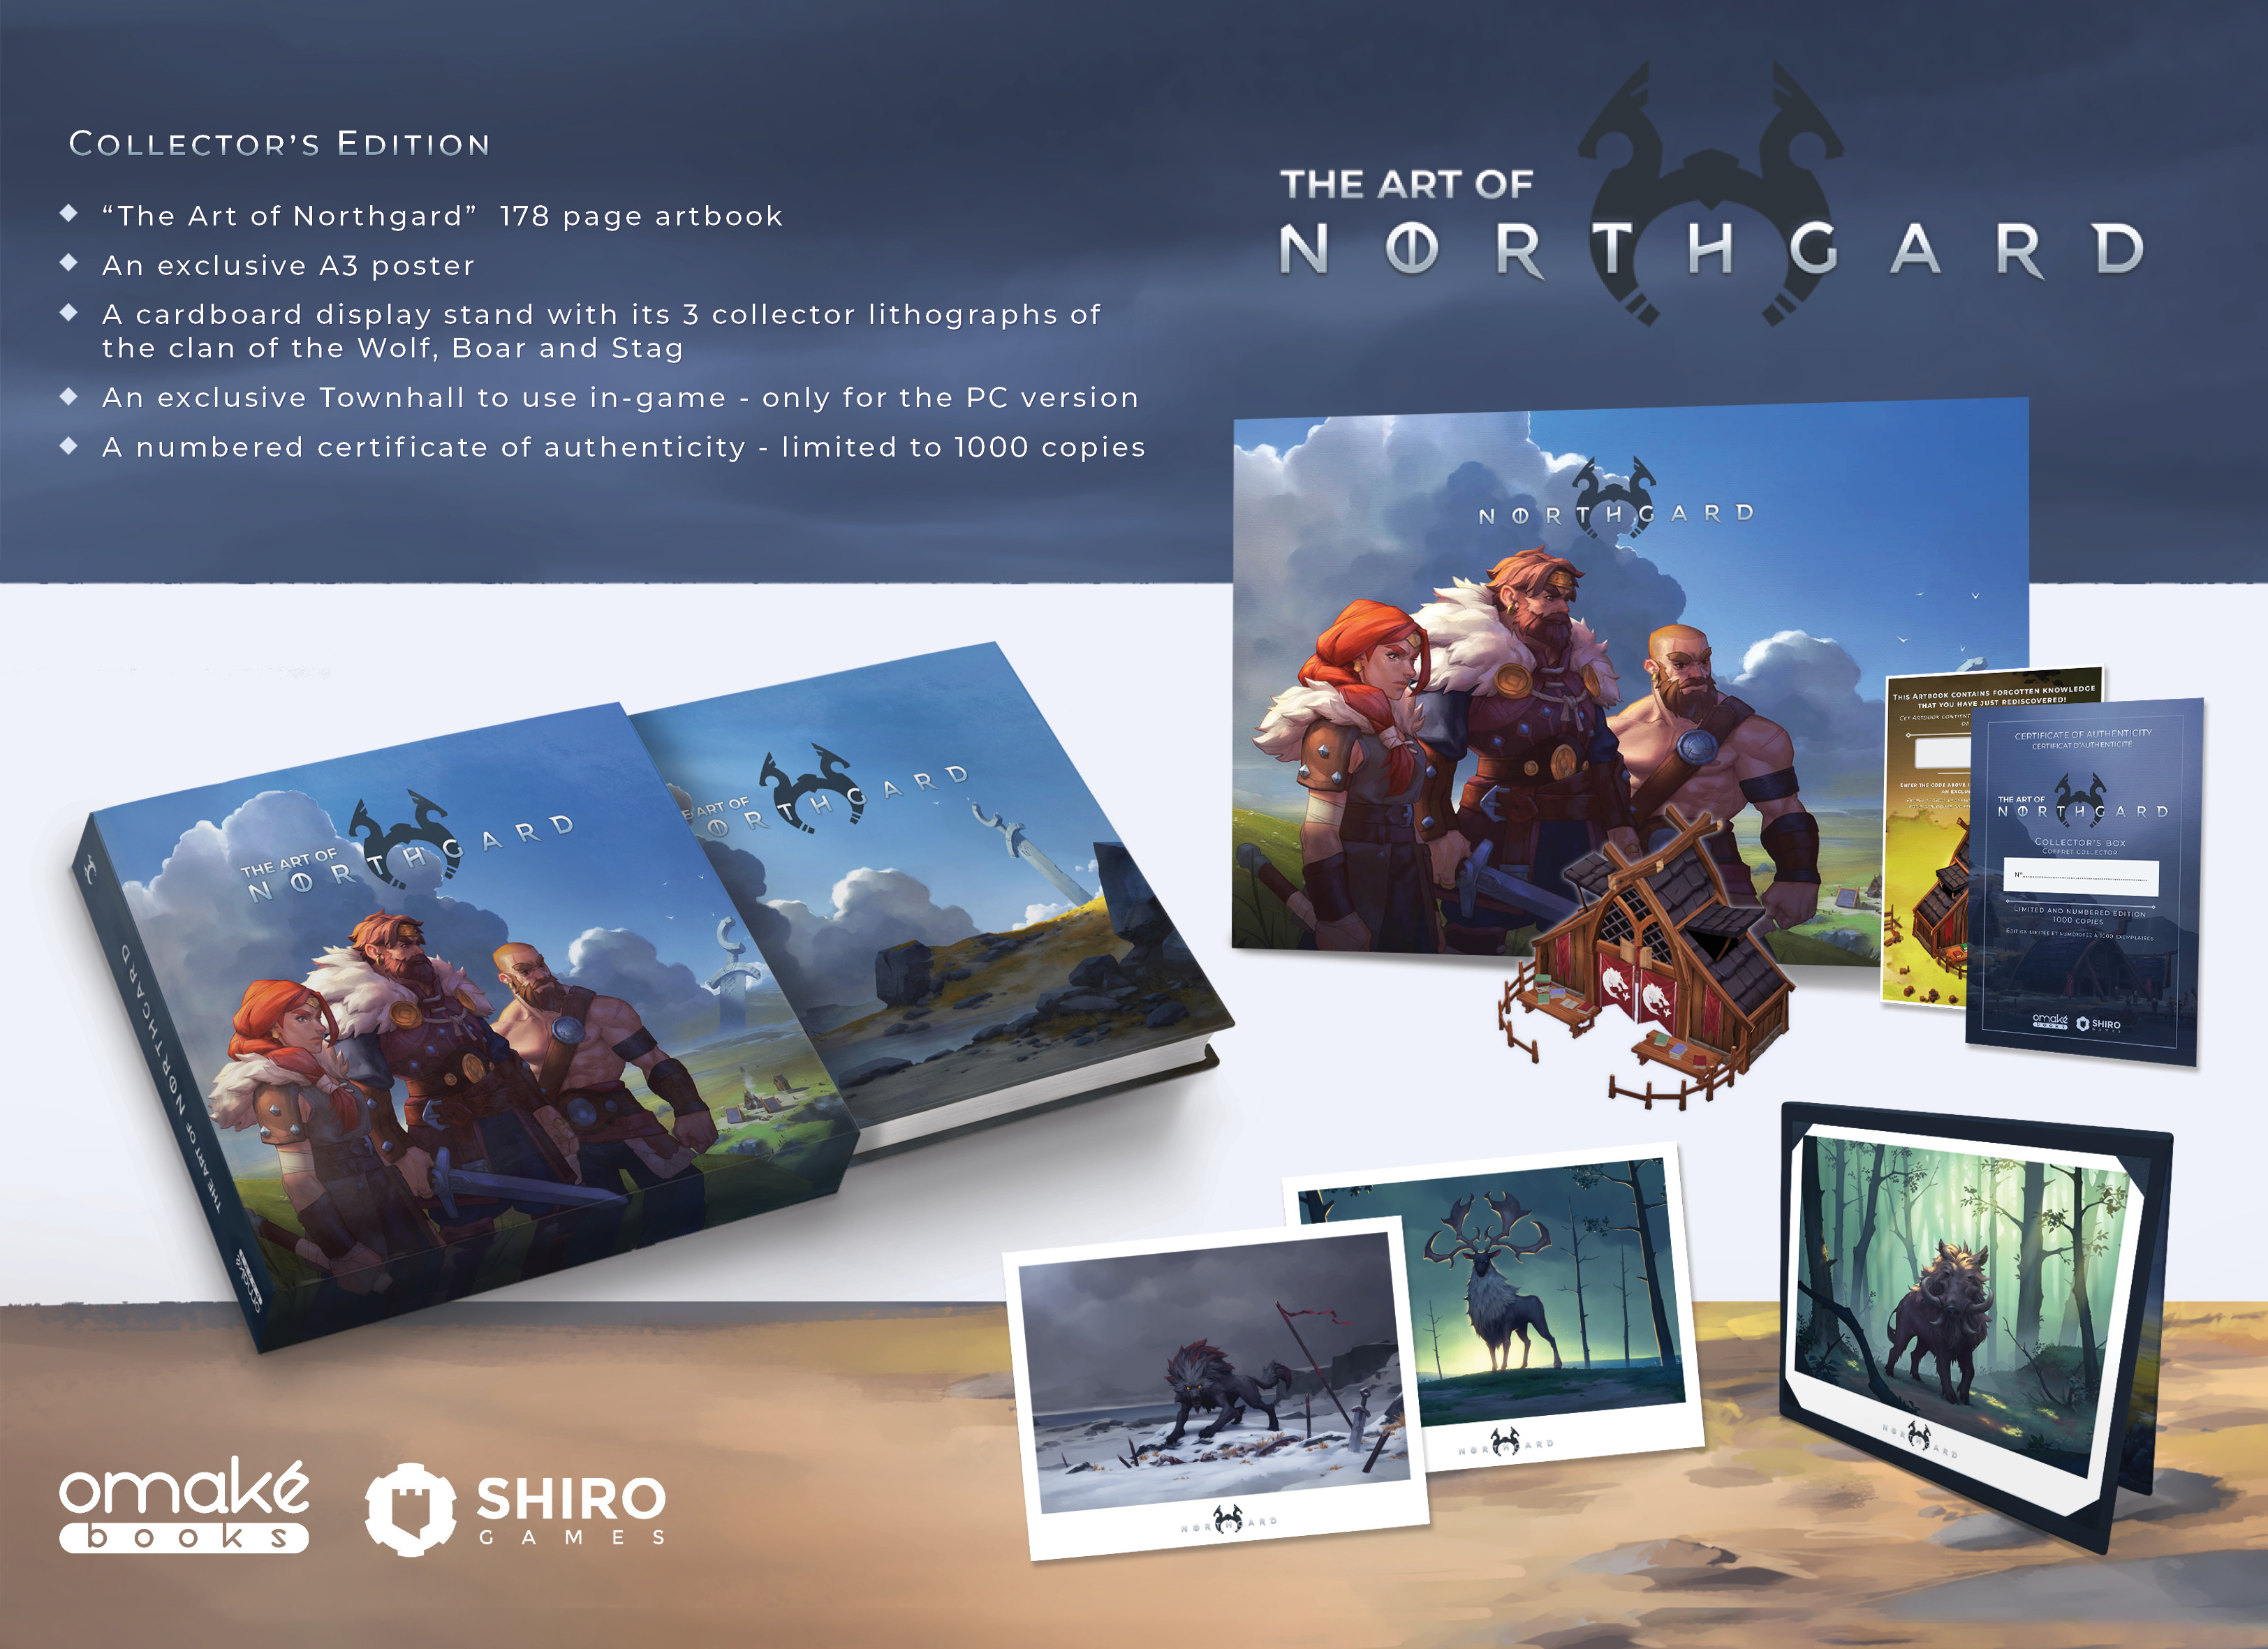 Edición Coleccionista del Libro de Arte de Northgard